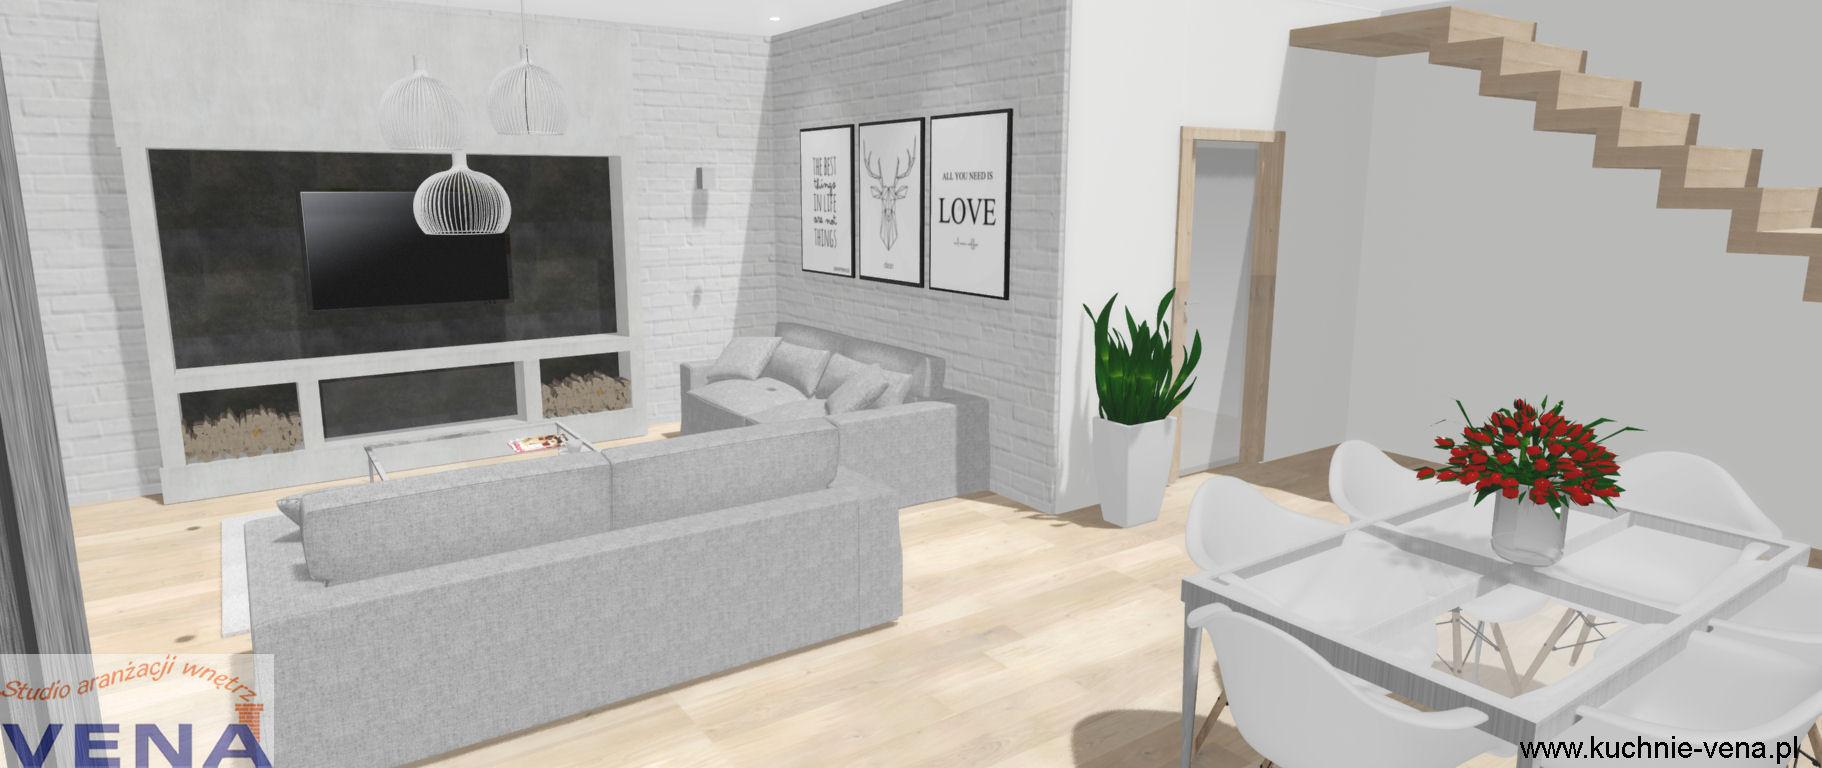 Styl minimalistyczny w aranżacji mieszkań